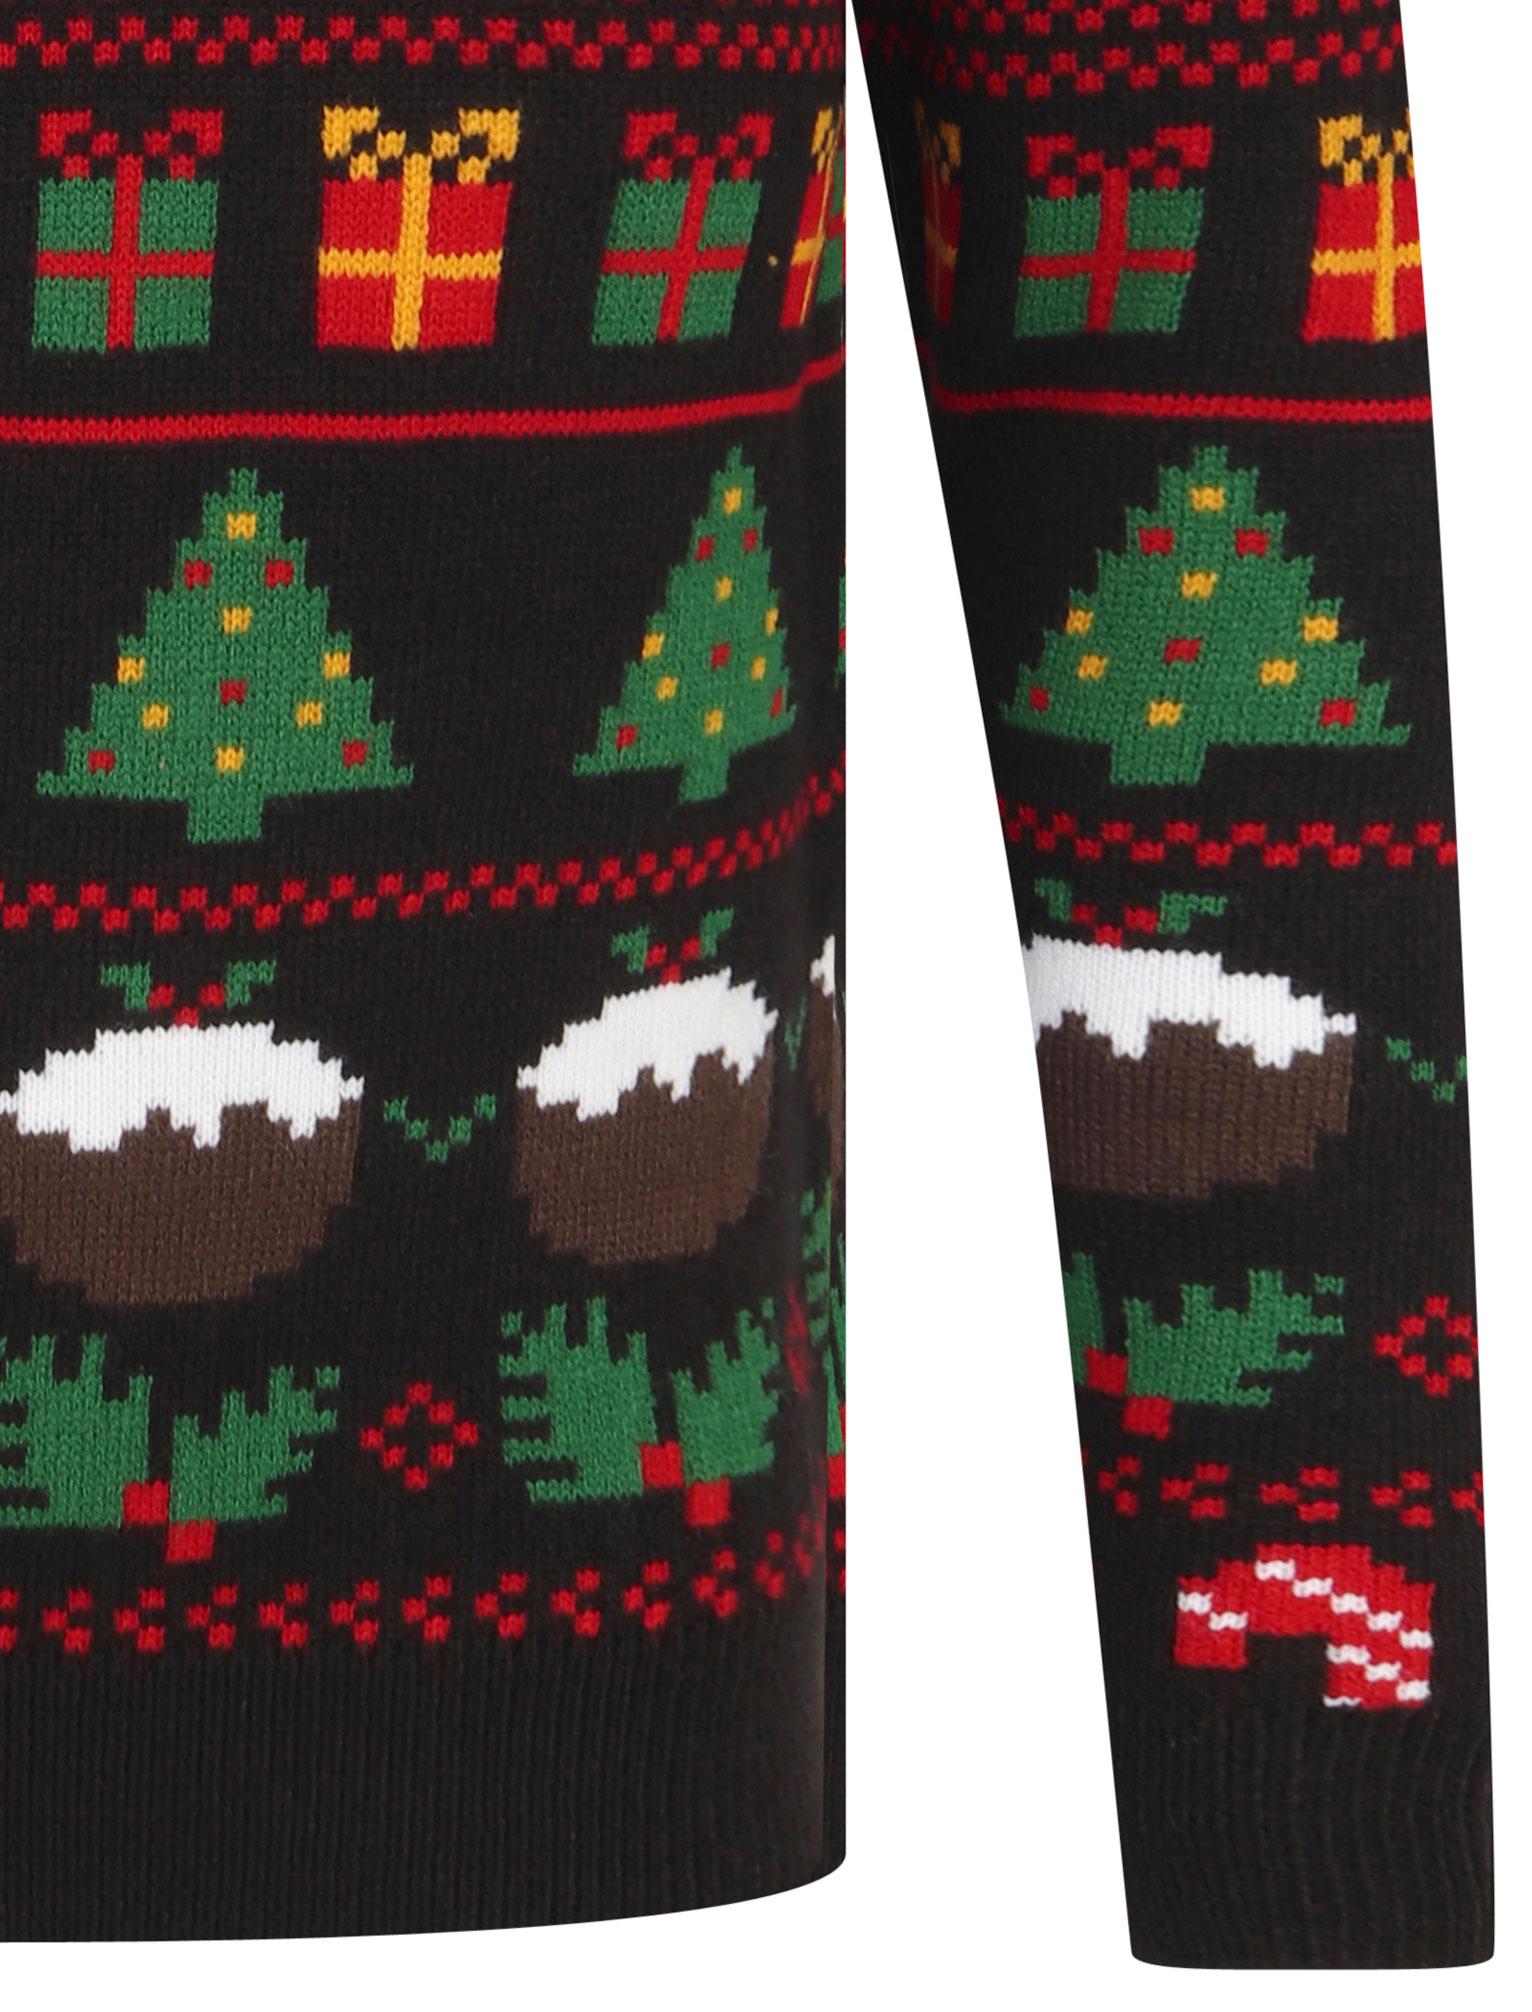 Feliz-Navidad-Para-Hombre-Novedad-Navidad-Sueter-Santa-Elfo-Reno-divertido-Cerveza miniatura 5